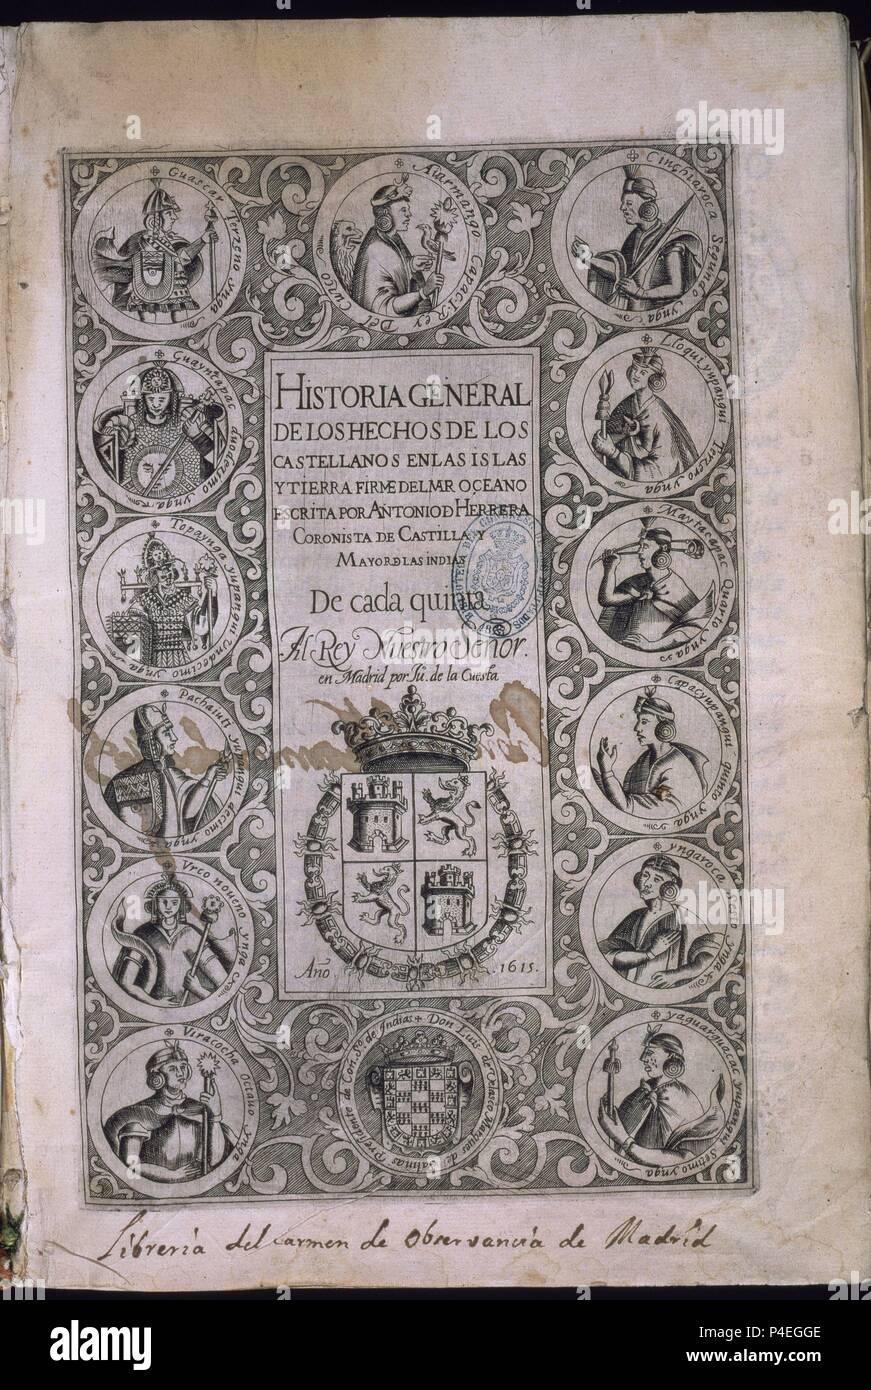 HISTORIA GENERAL DE LOS HECHOS CASTELLANOS EN LAS ISLAS Y TIERRA FIRME DE LAS INDIAS - DECADA V - MADRID 1615. Auteur: Antonio Herrera y Tordesillas (1549-1625). Emplacement: CONGRESO DE LOS DIPUTADOS-BIBLIOTECA, MADRID. Banque D'Images